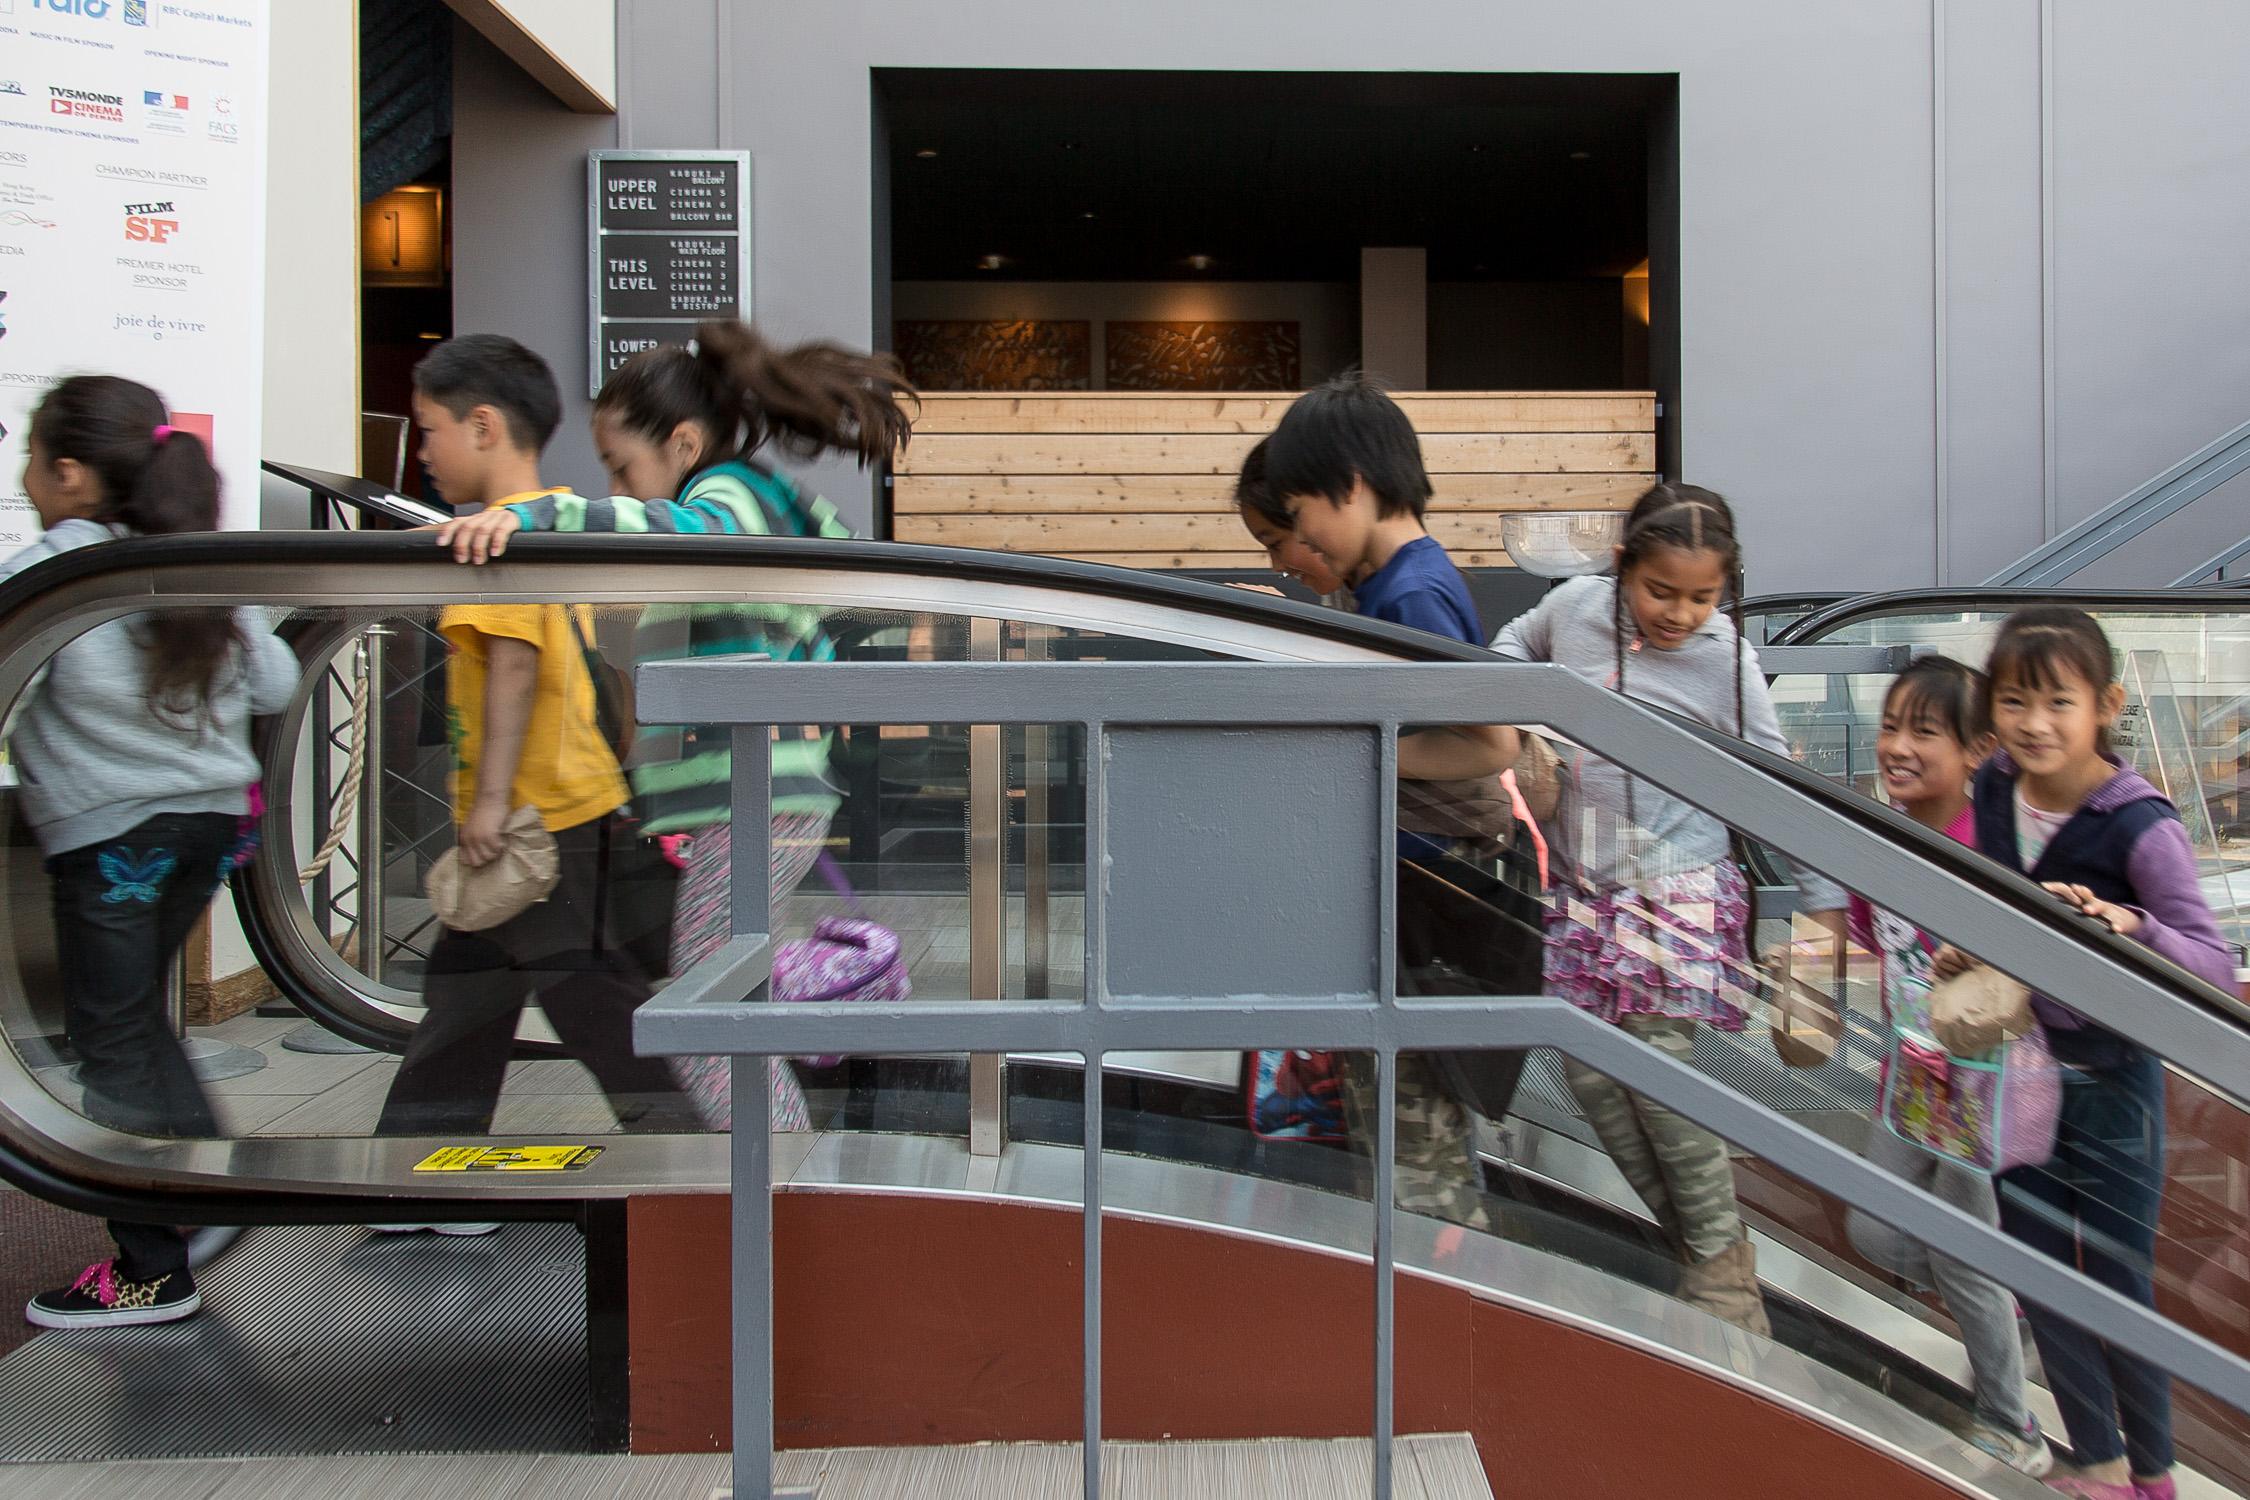 School children in Sundance Kabuki Cinemas